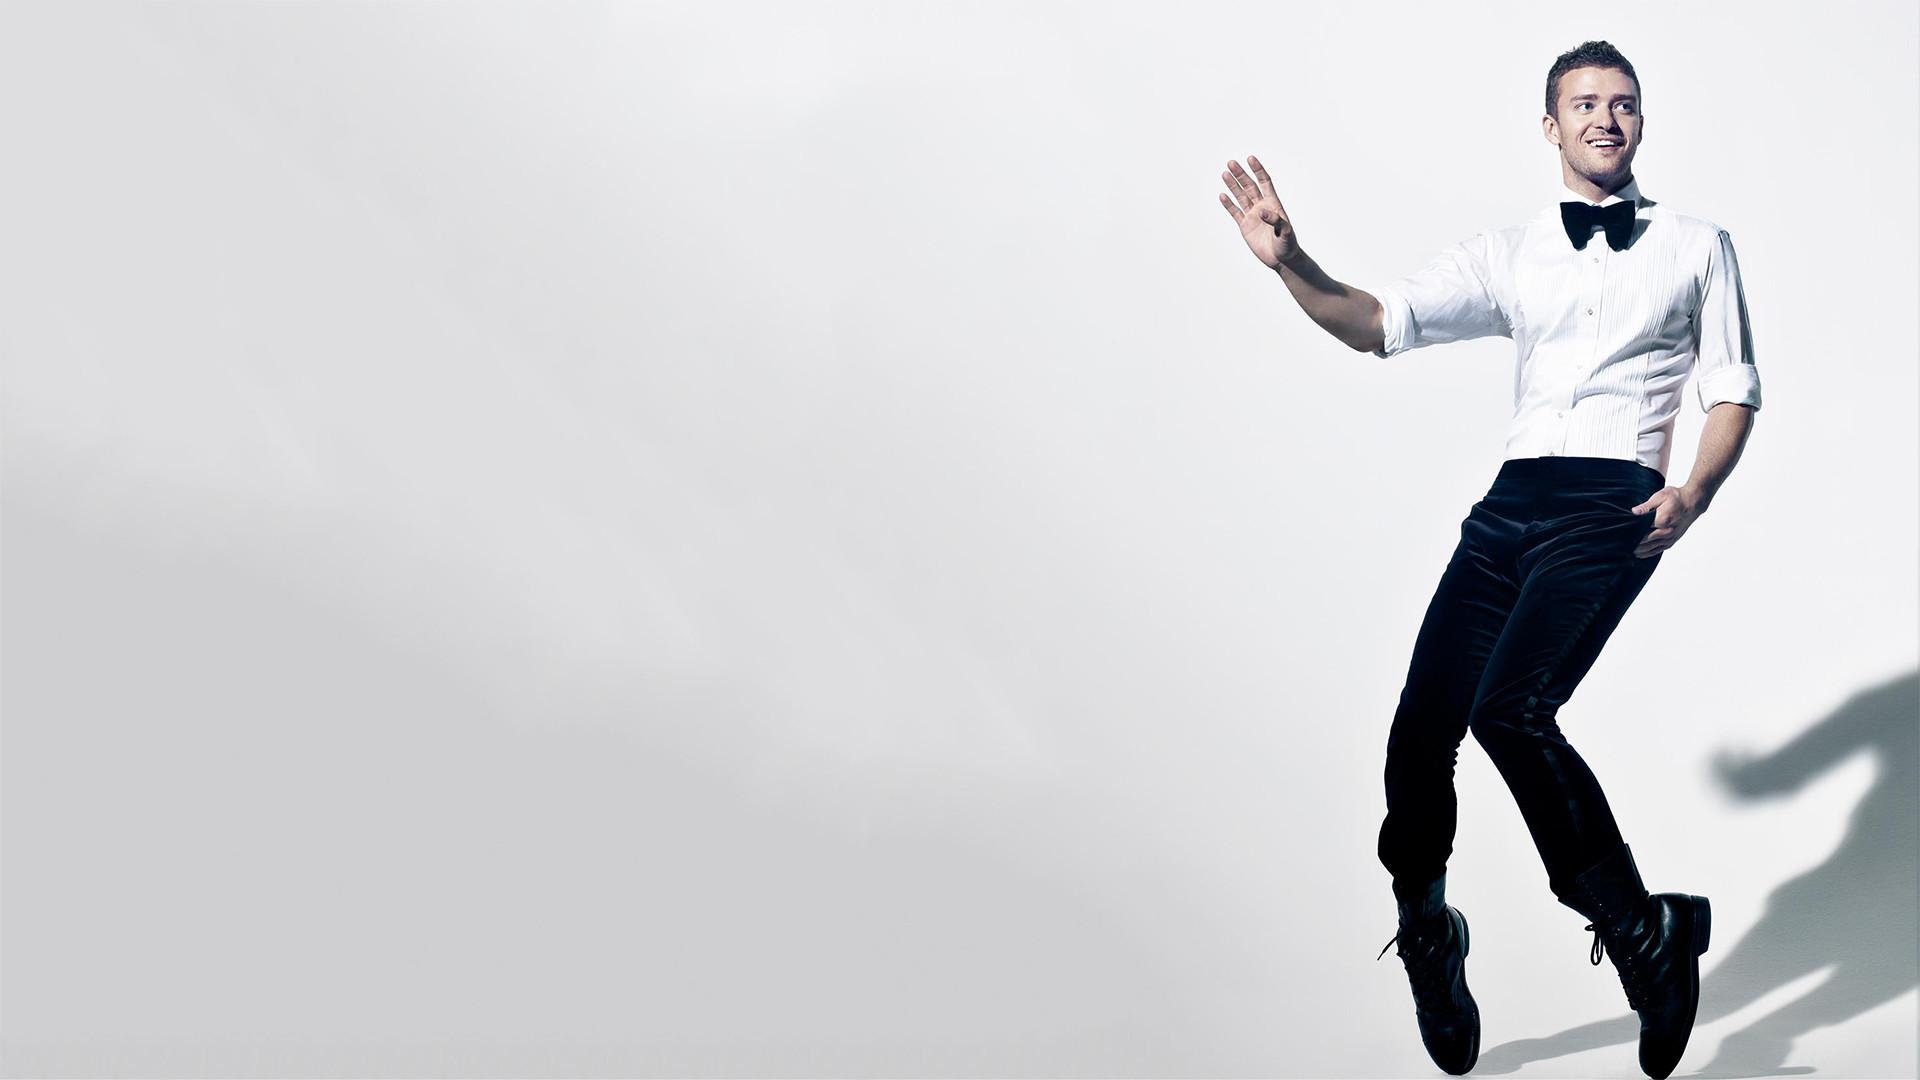 фото парень танцует федеральной службы